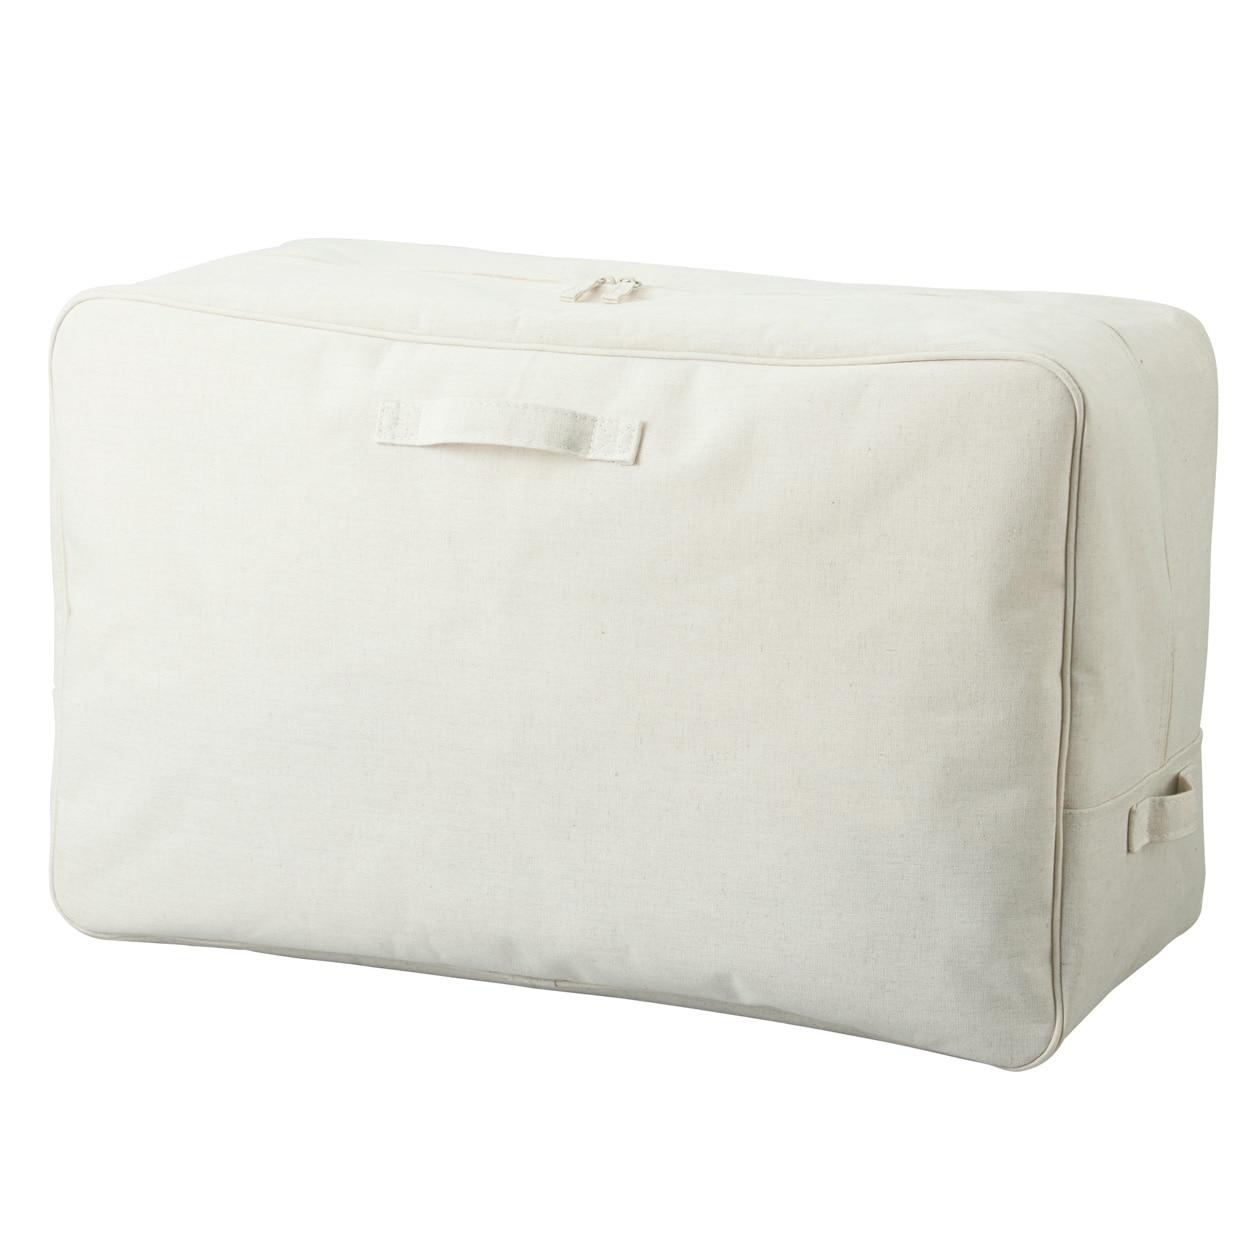 ポリエステル綿麻混・ソフトボックス・長方形ボックス・大の写真